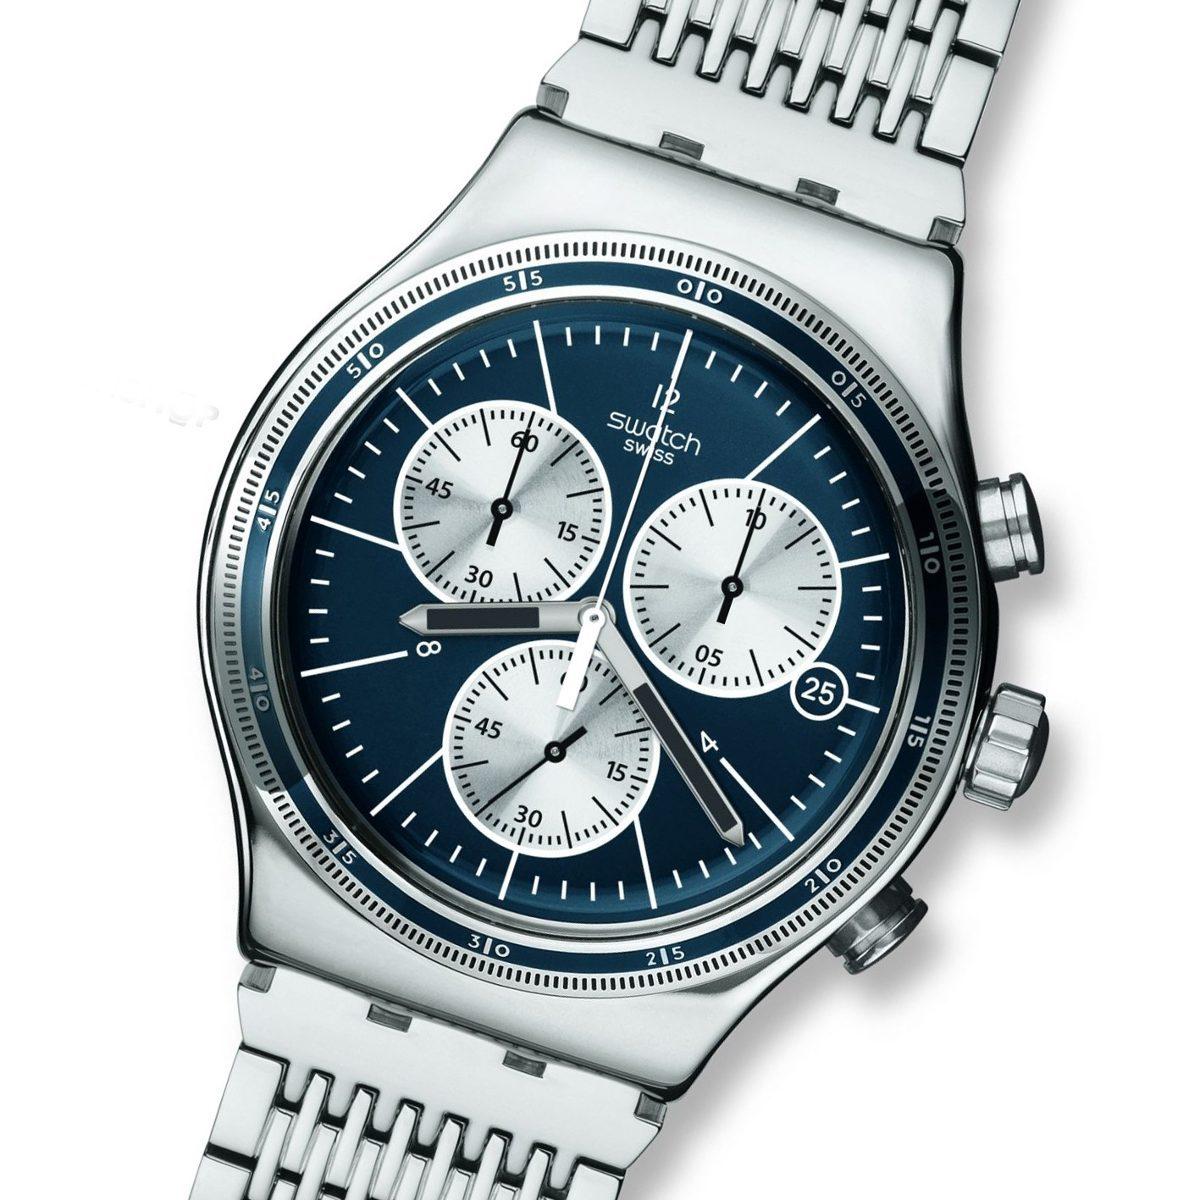 542cbf24 Наручные часы Swatch YVS410G- купить по цене 61100.0 в интернет ...